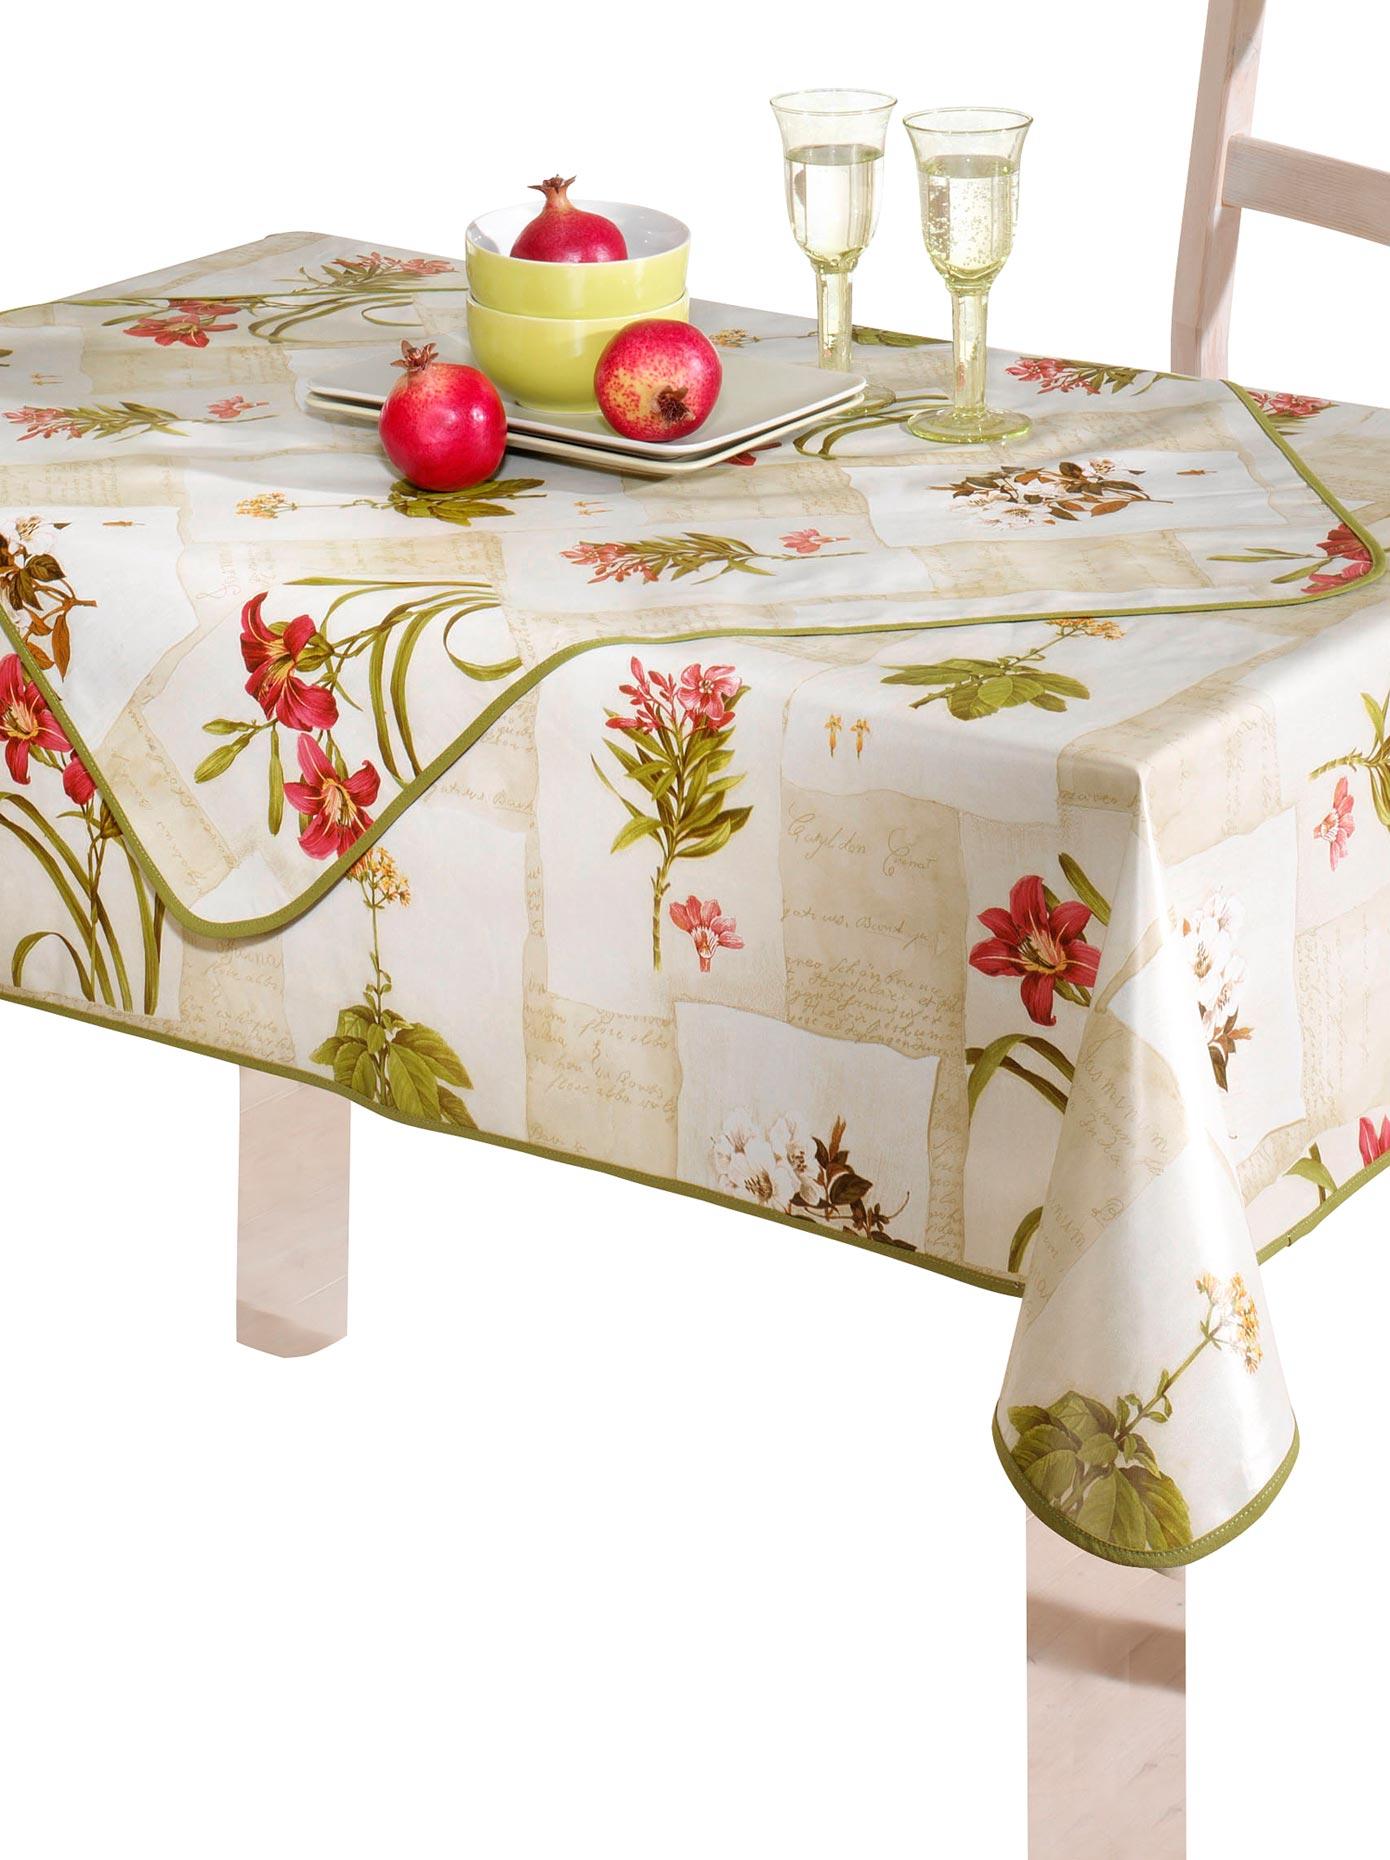 Tischdecke | Heimtextilien > Tischdecken und Co > Tischdecken